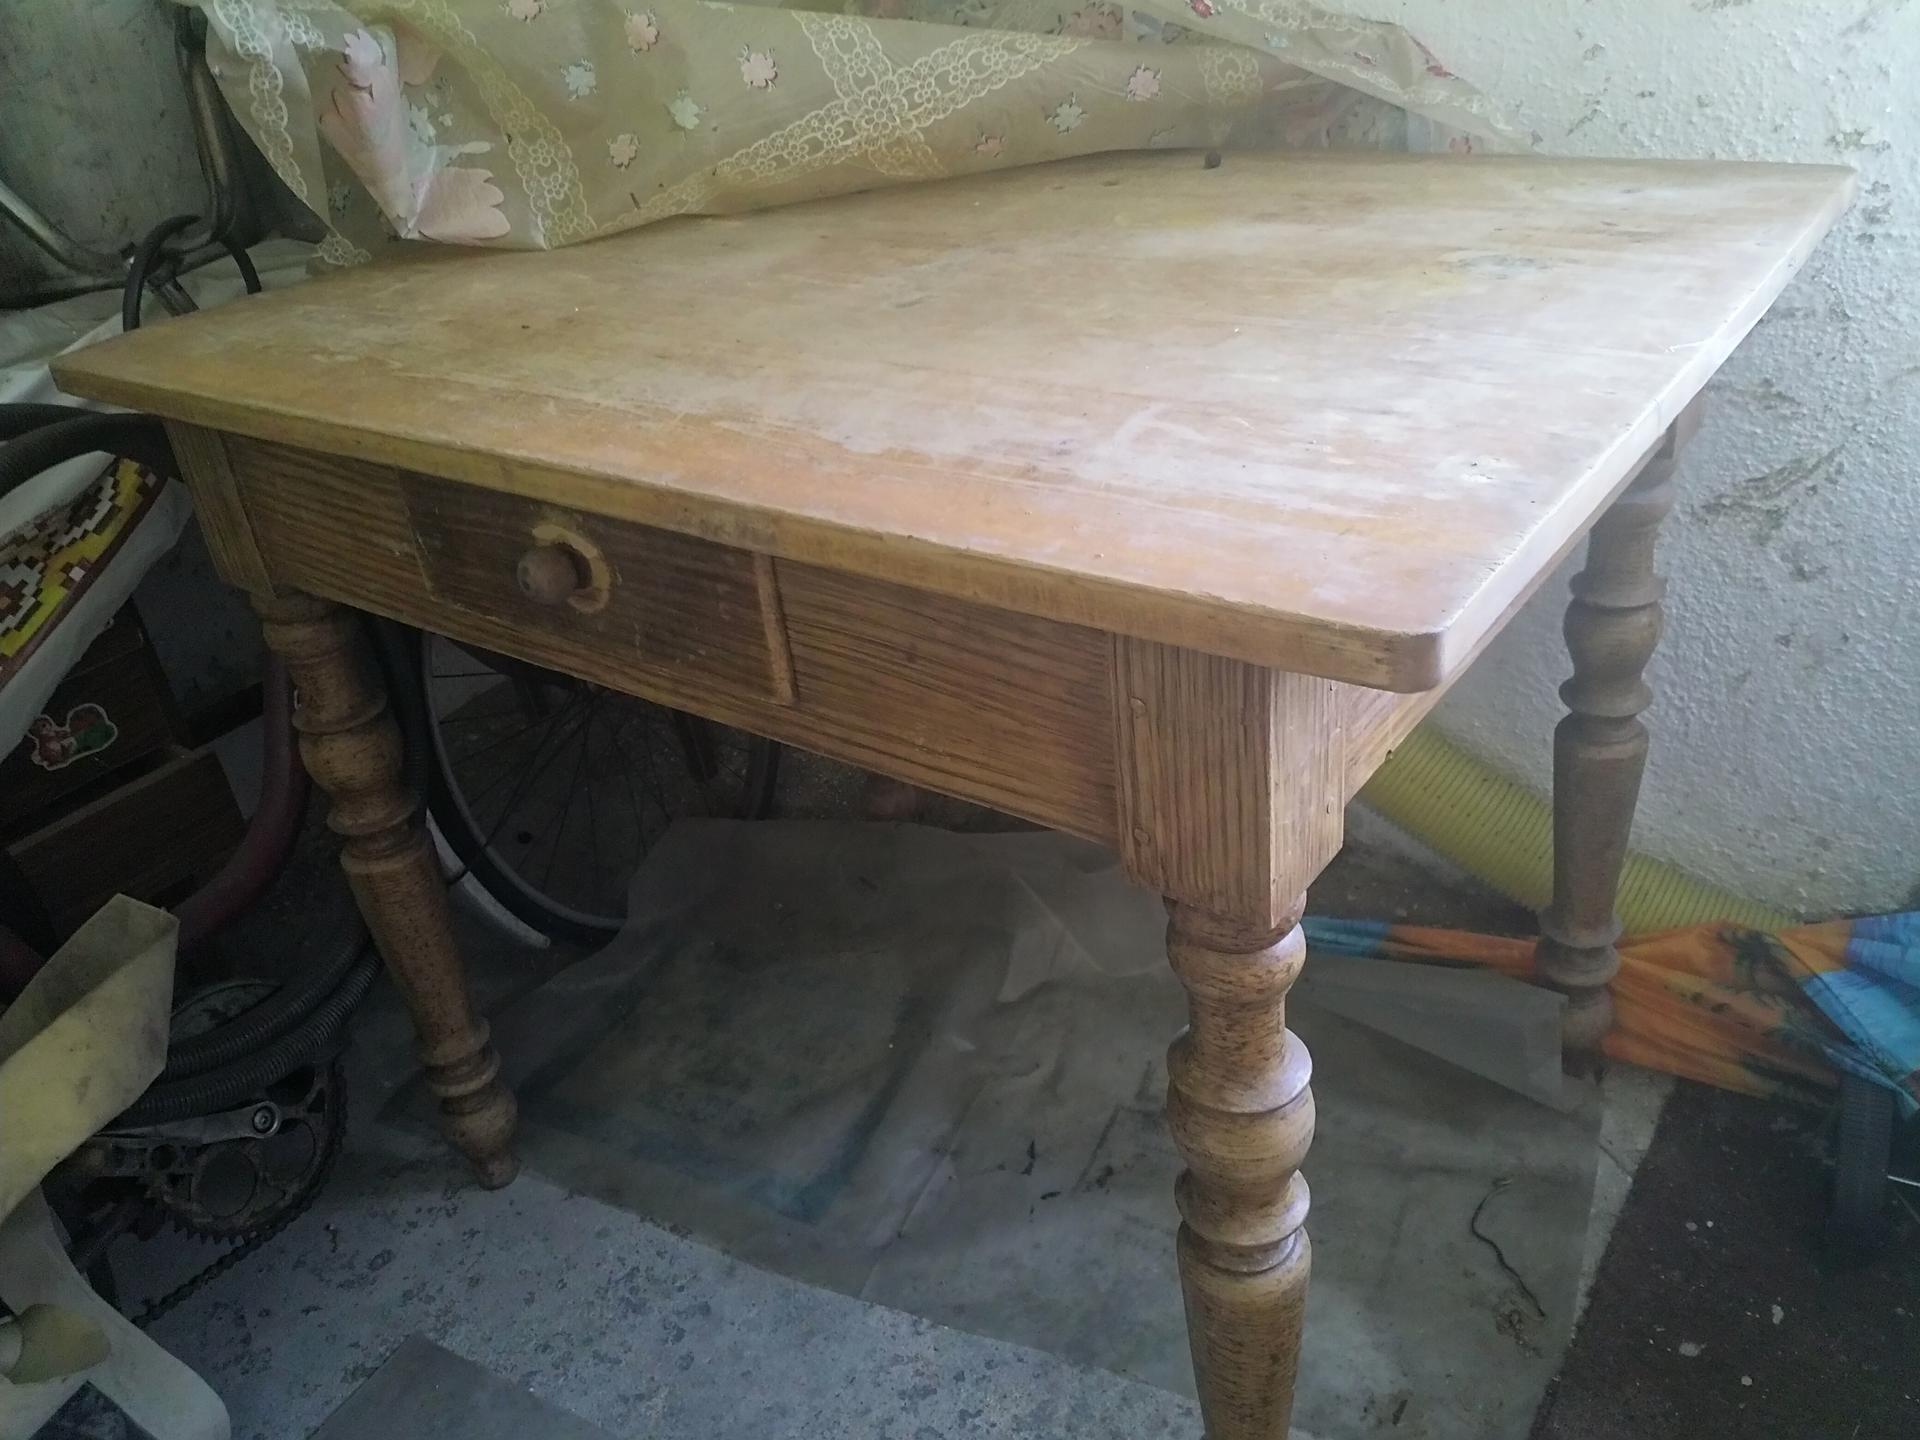 Dobrý deň,vedeli by ste poradiť ako zrenovovať tento stôl? - Obrázok č. 1